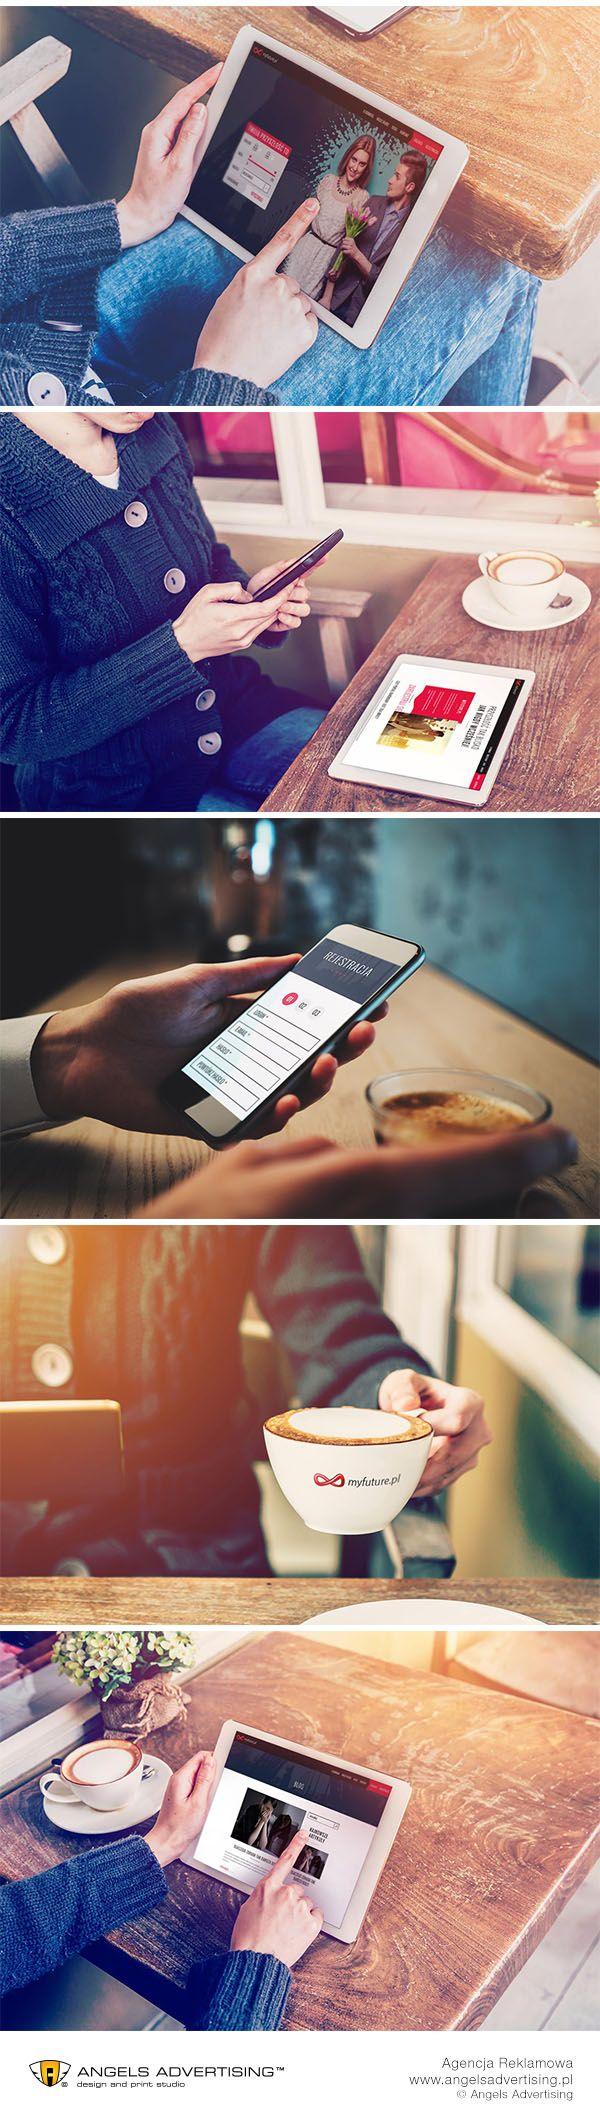 Portal społecznościowy. #portalspołecznościowy #stronainternetowa #sewisinternetowy #agencjarkelamowa #agencjareklamy